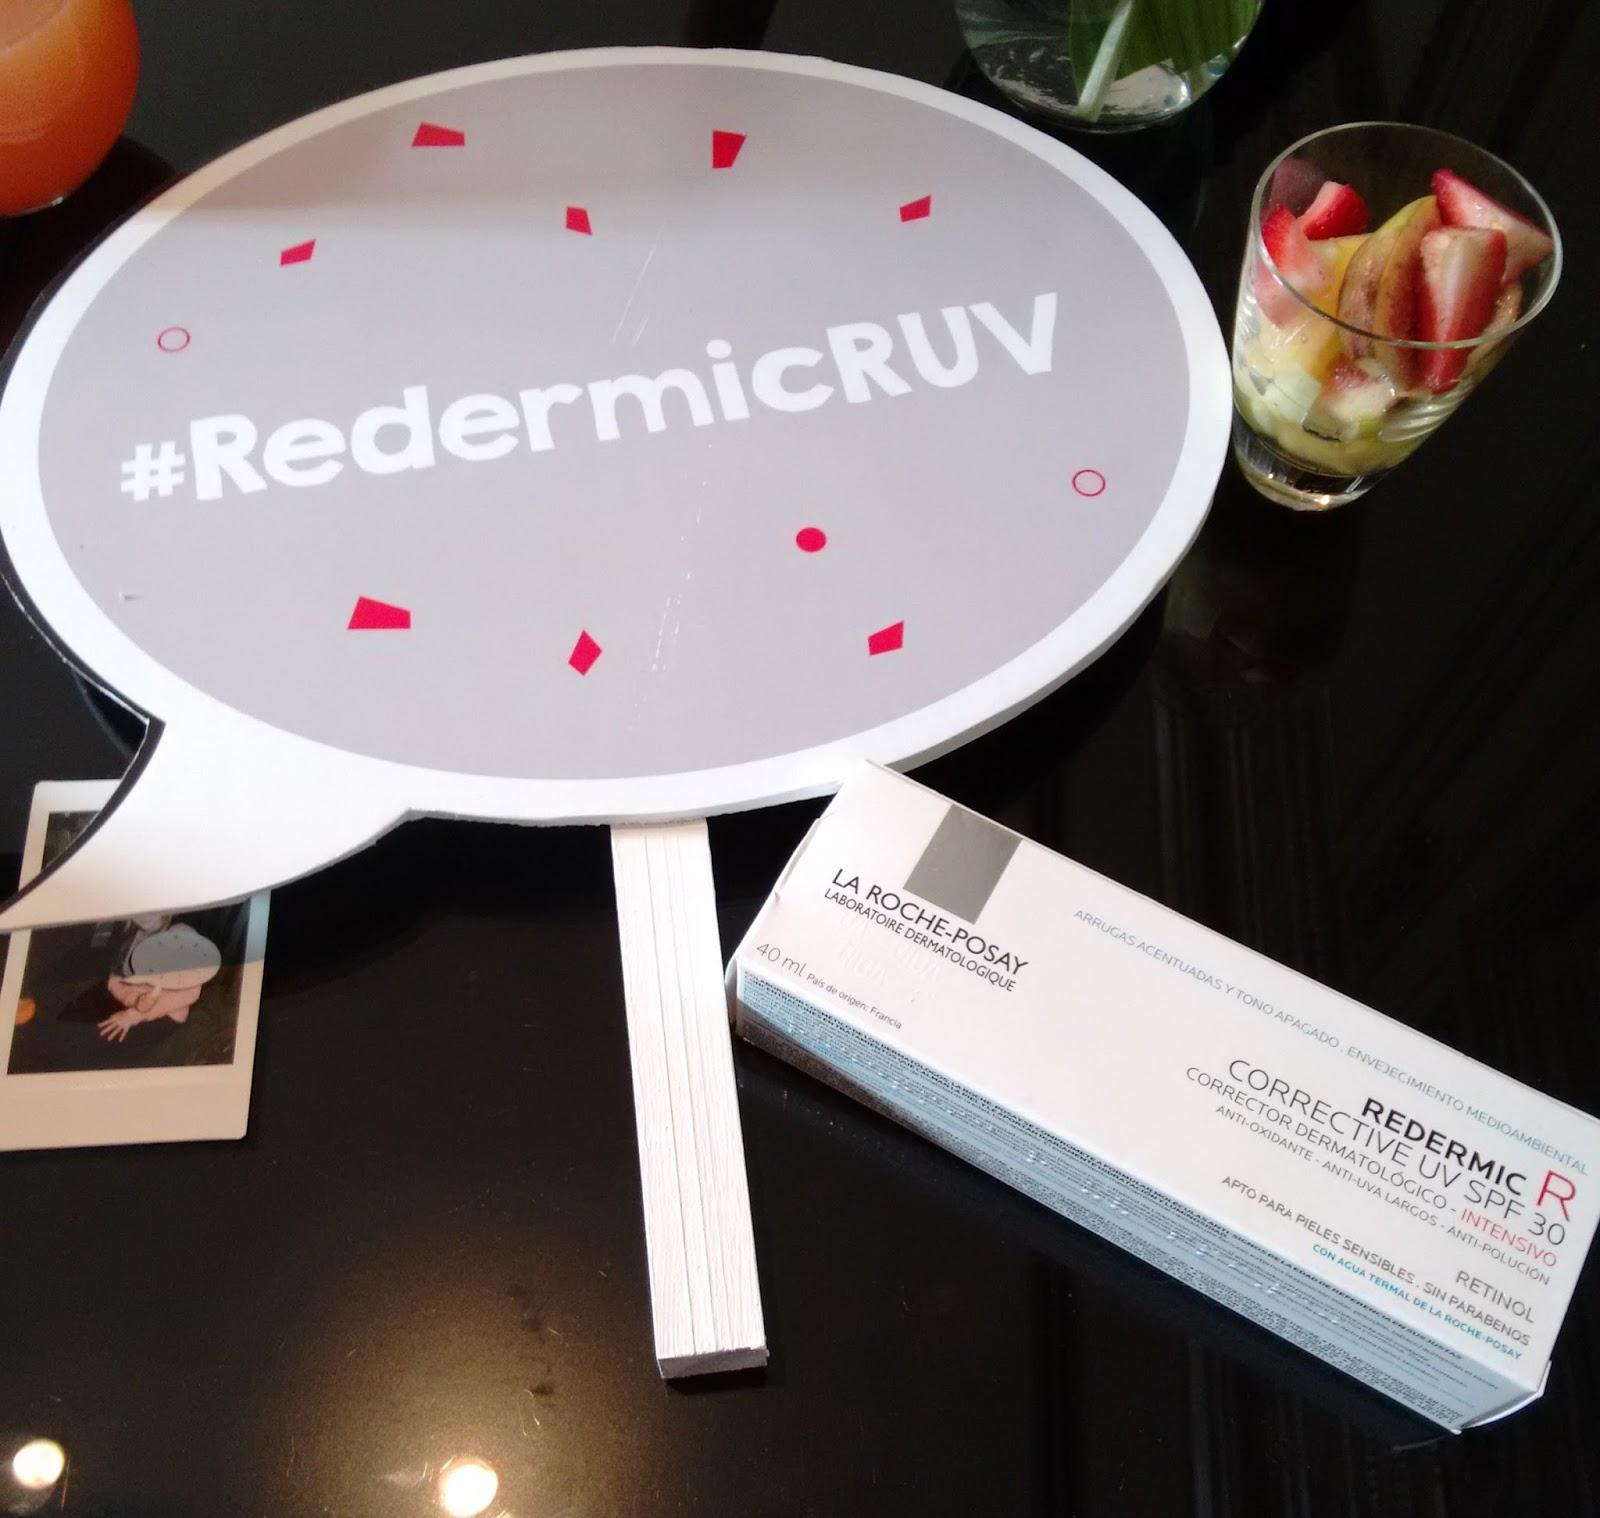 Redermic R de La Roche-Posay: el corrector con retinol